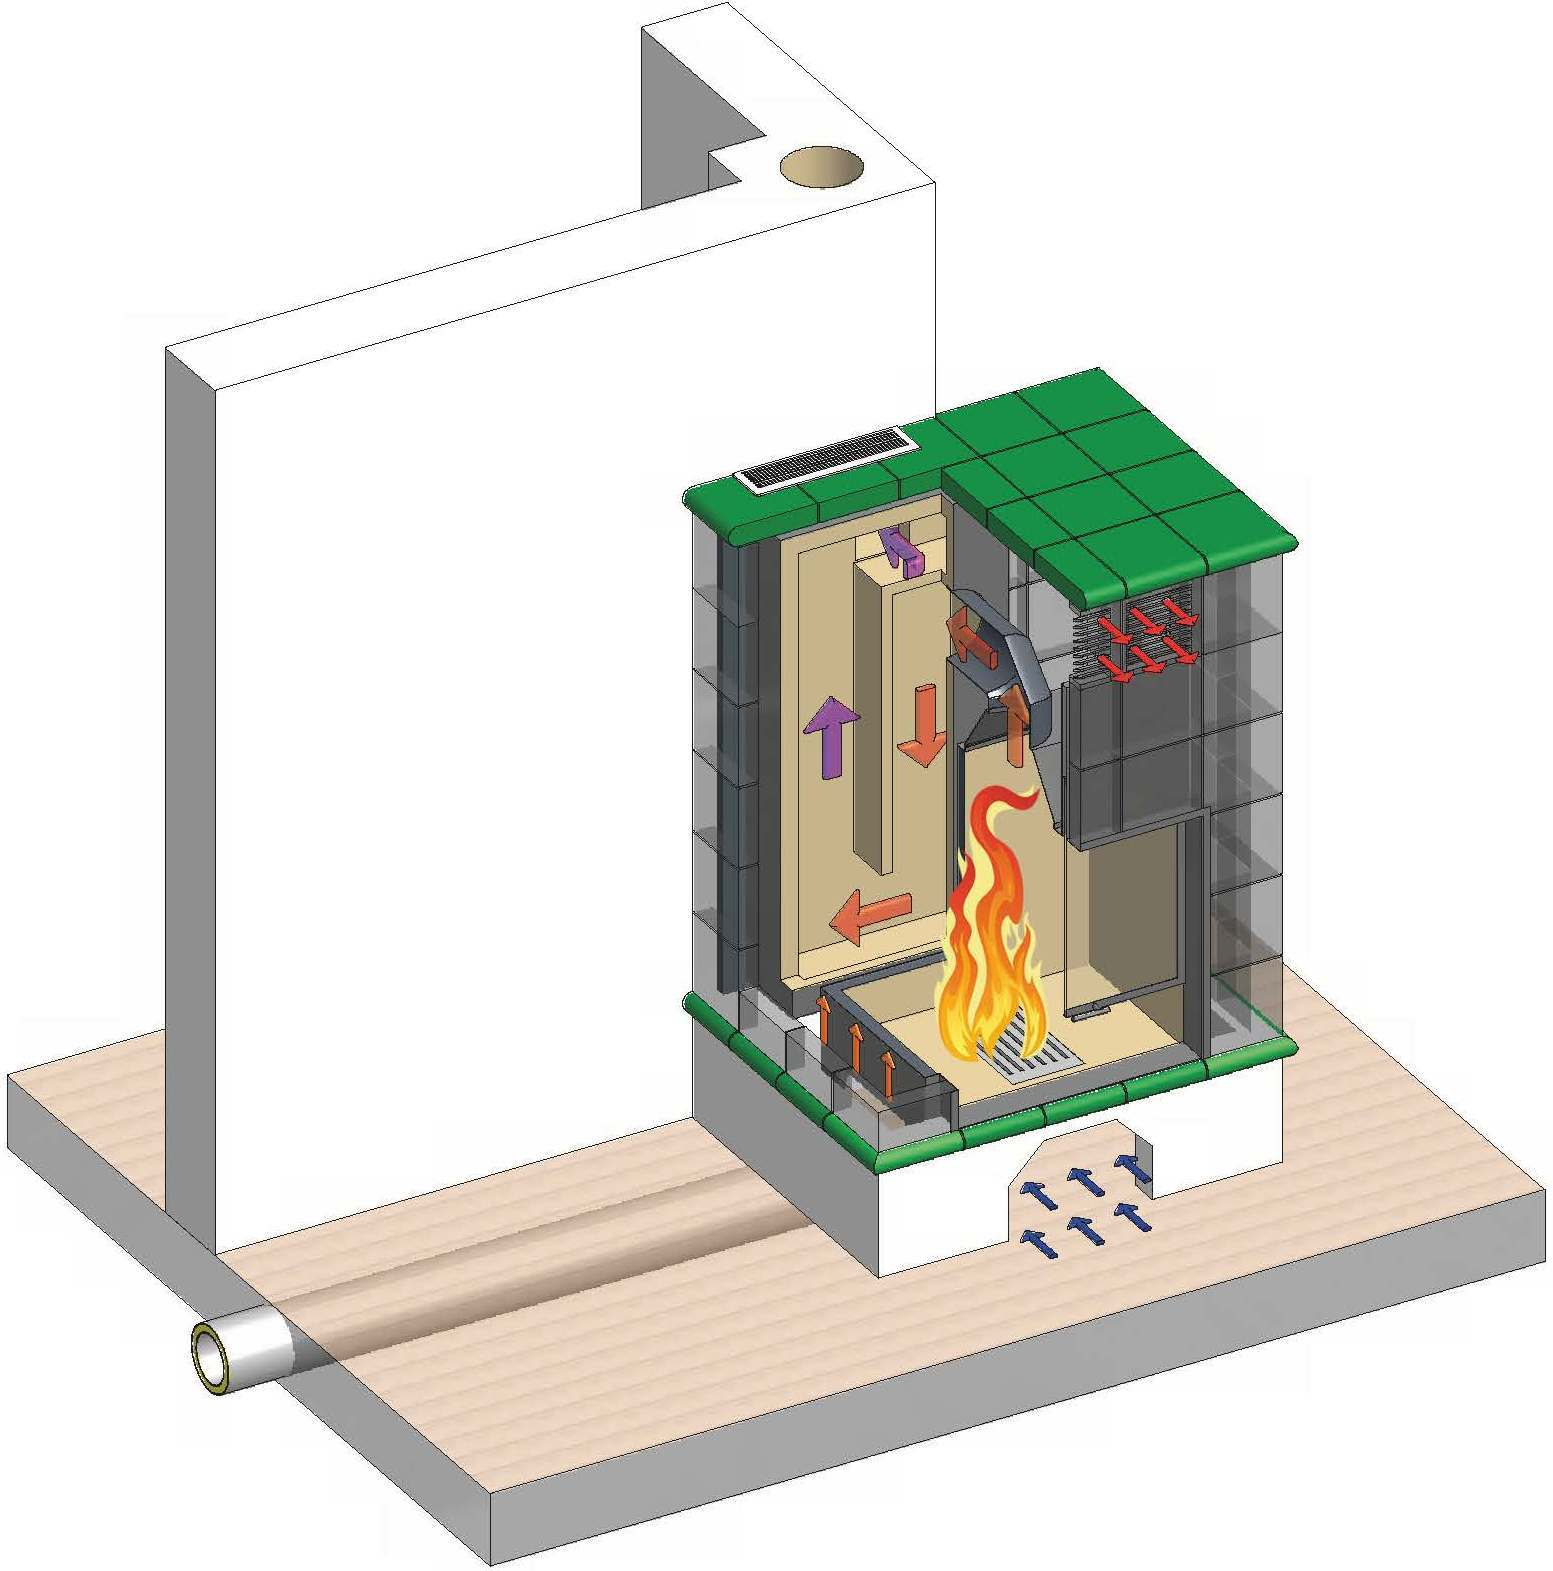 Kachelofen - Heizkamin mit keramischer Nachschaltung - Technische Darstellung - Schnittansicht - Funktionsweise